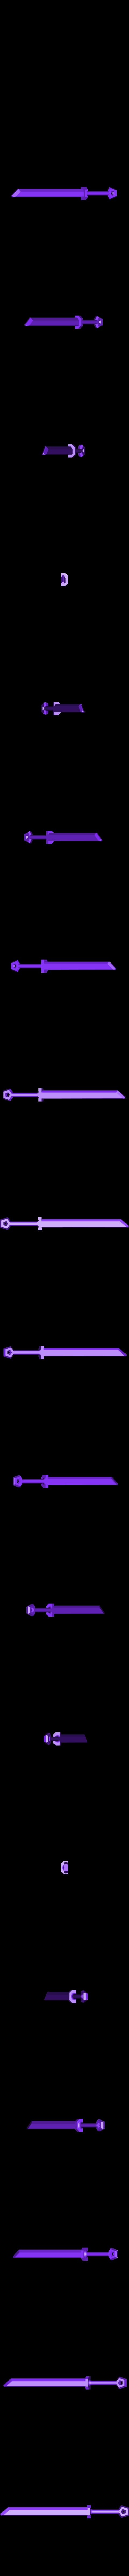 weapon4.stl Télécharger fichier STL gratuit Gorille Ares • Plan pour imprimante 3D, Pwenyrr